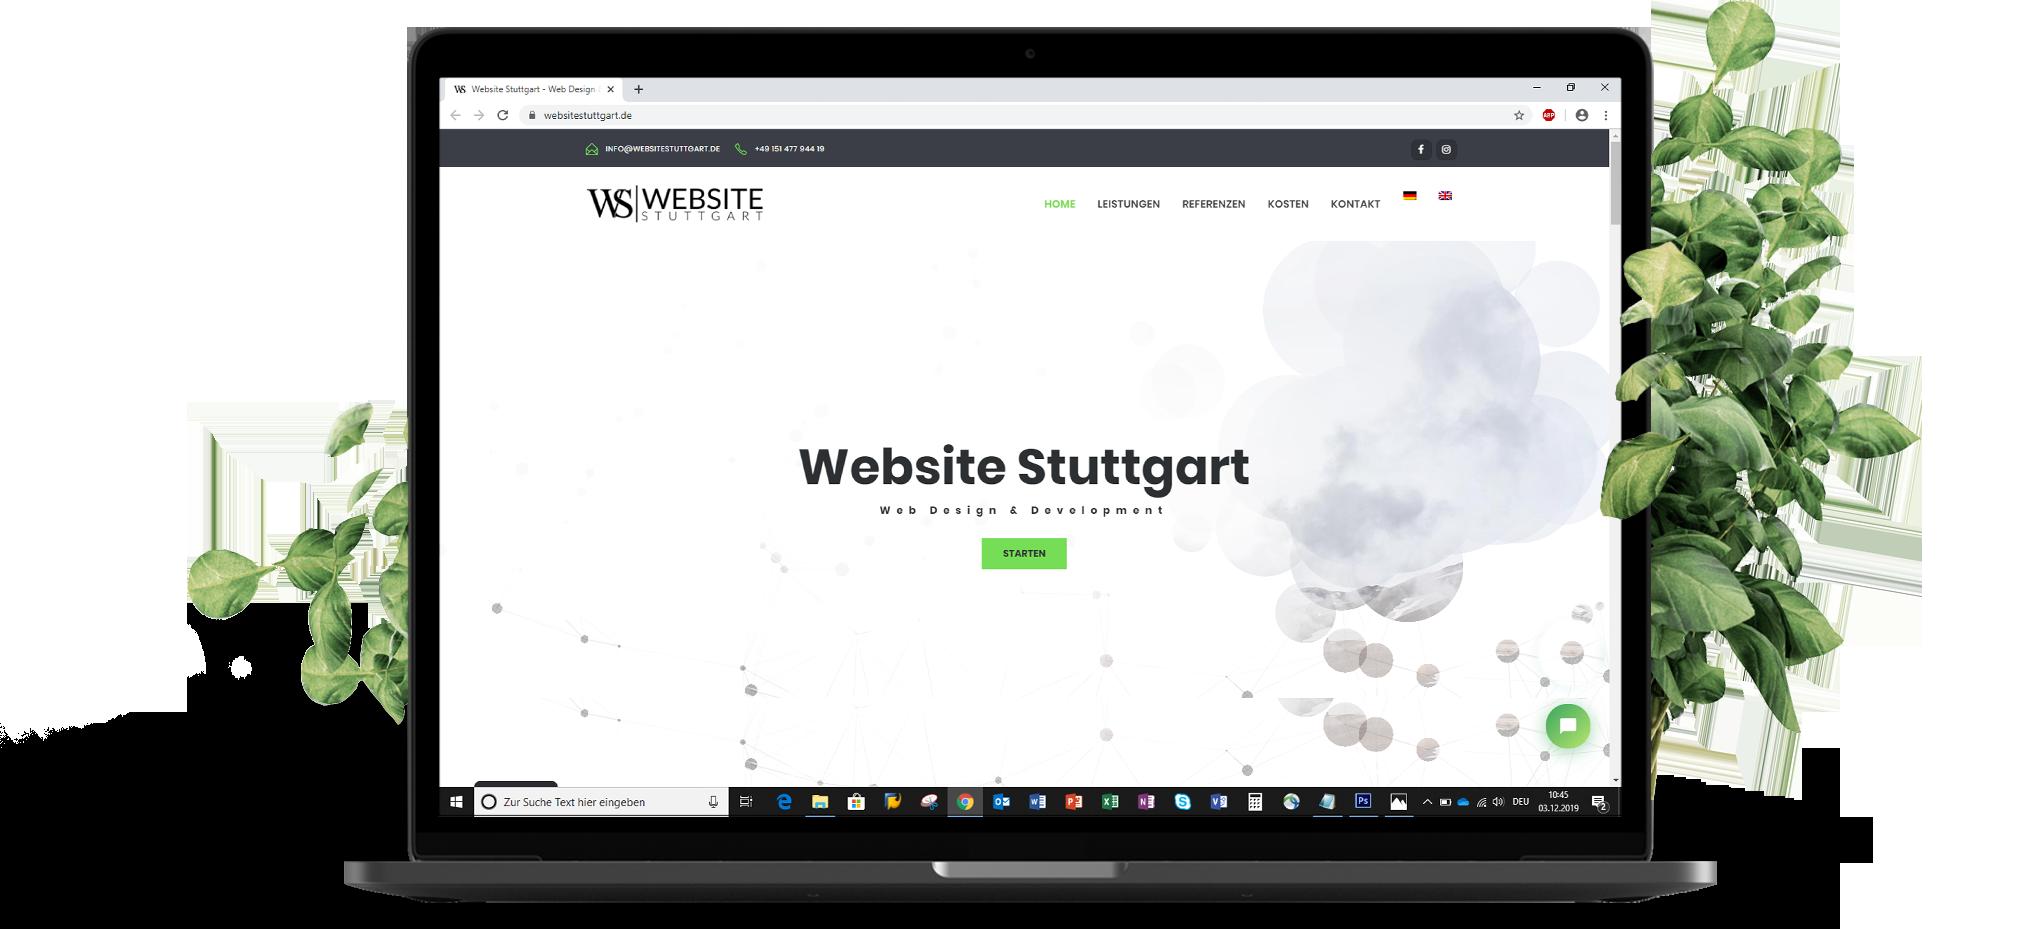 تیدا وب، ارائه دهنده بهترین خدمات طراحی وب در یزد